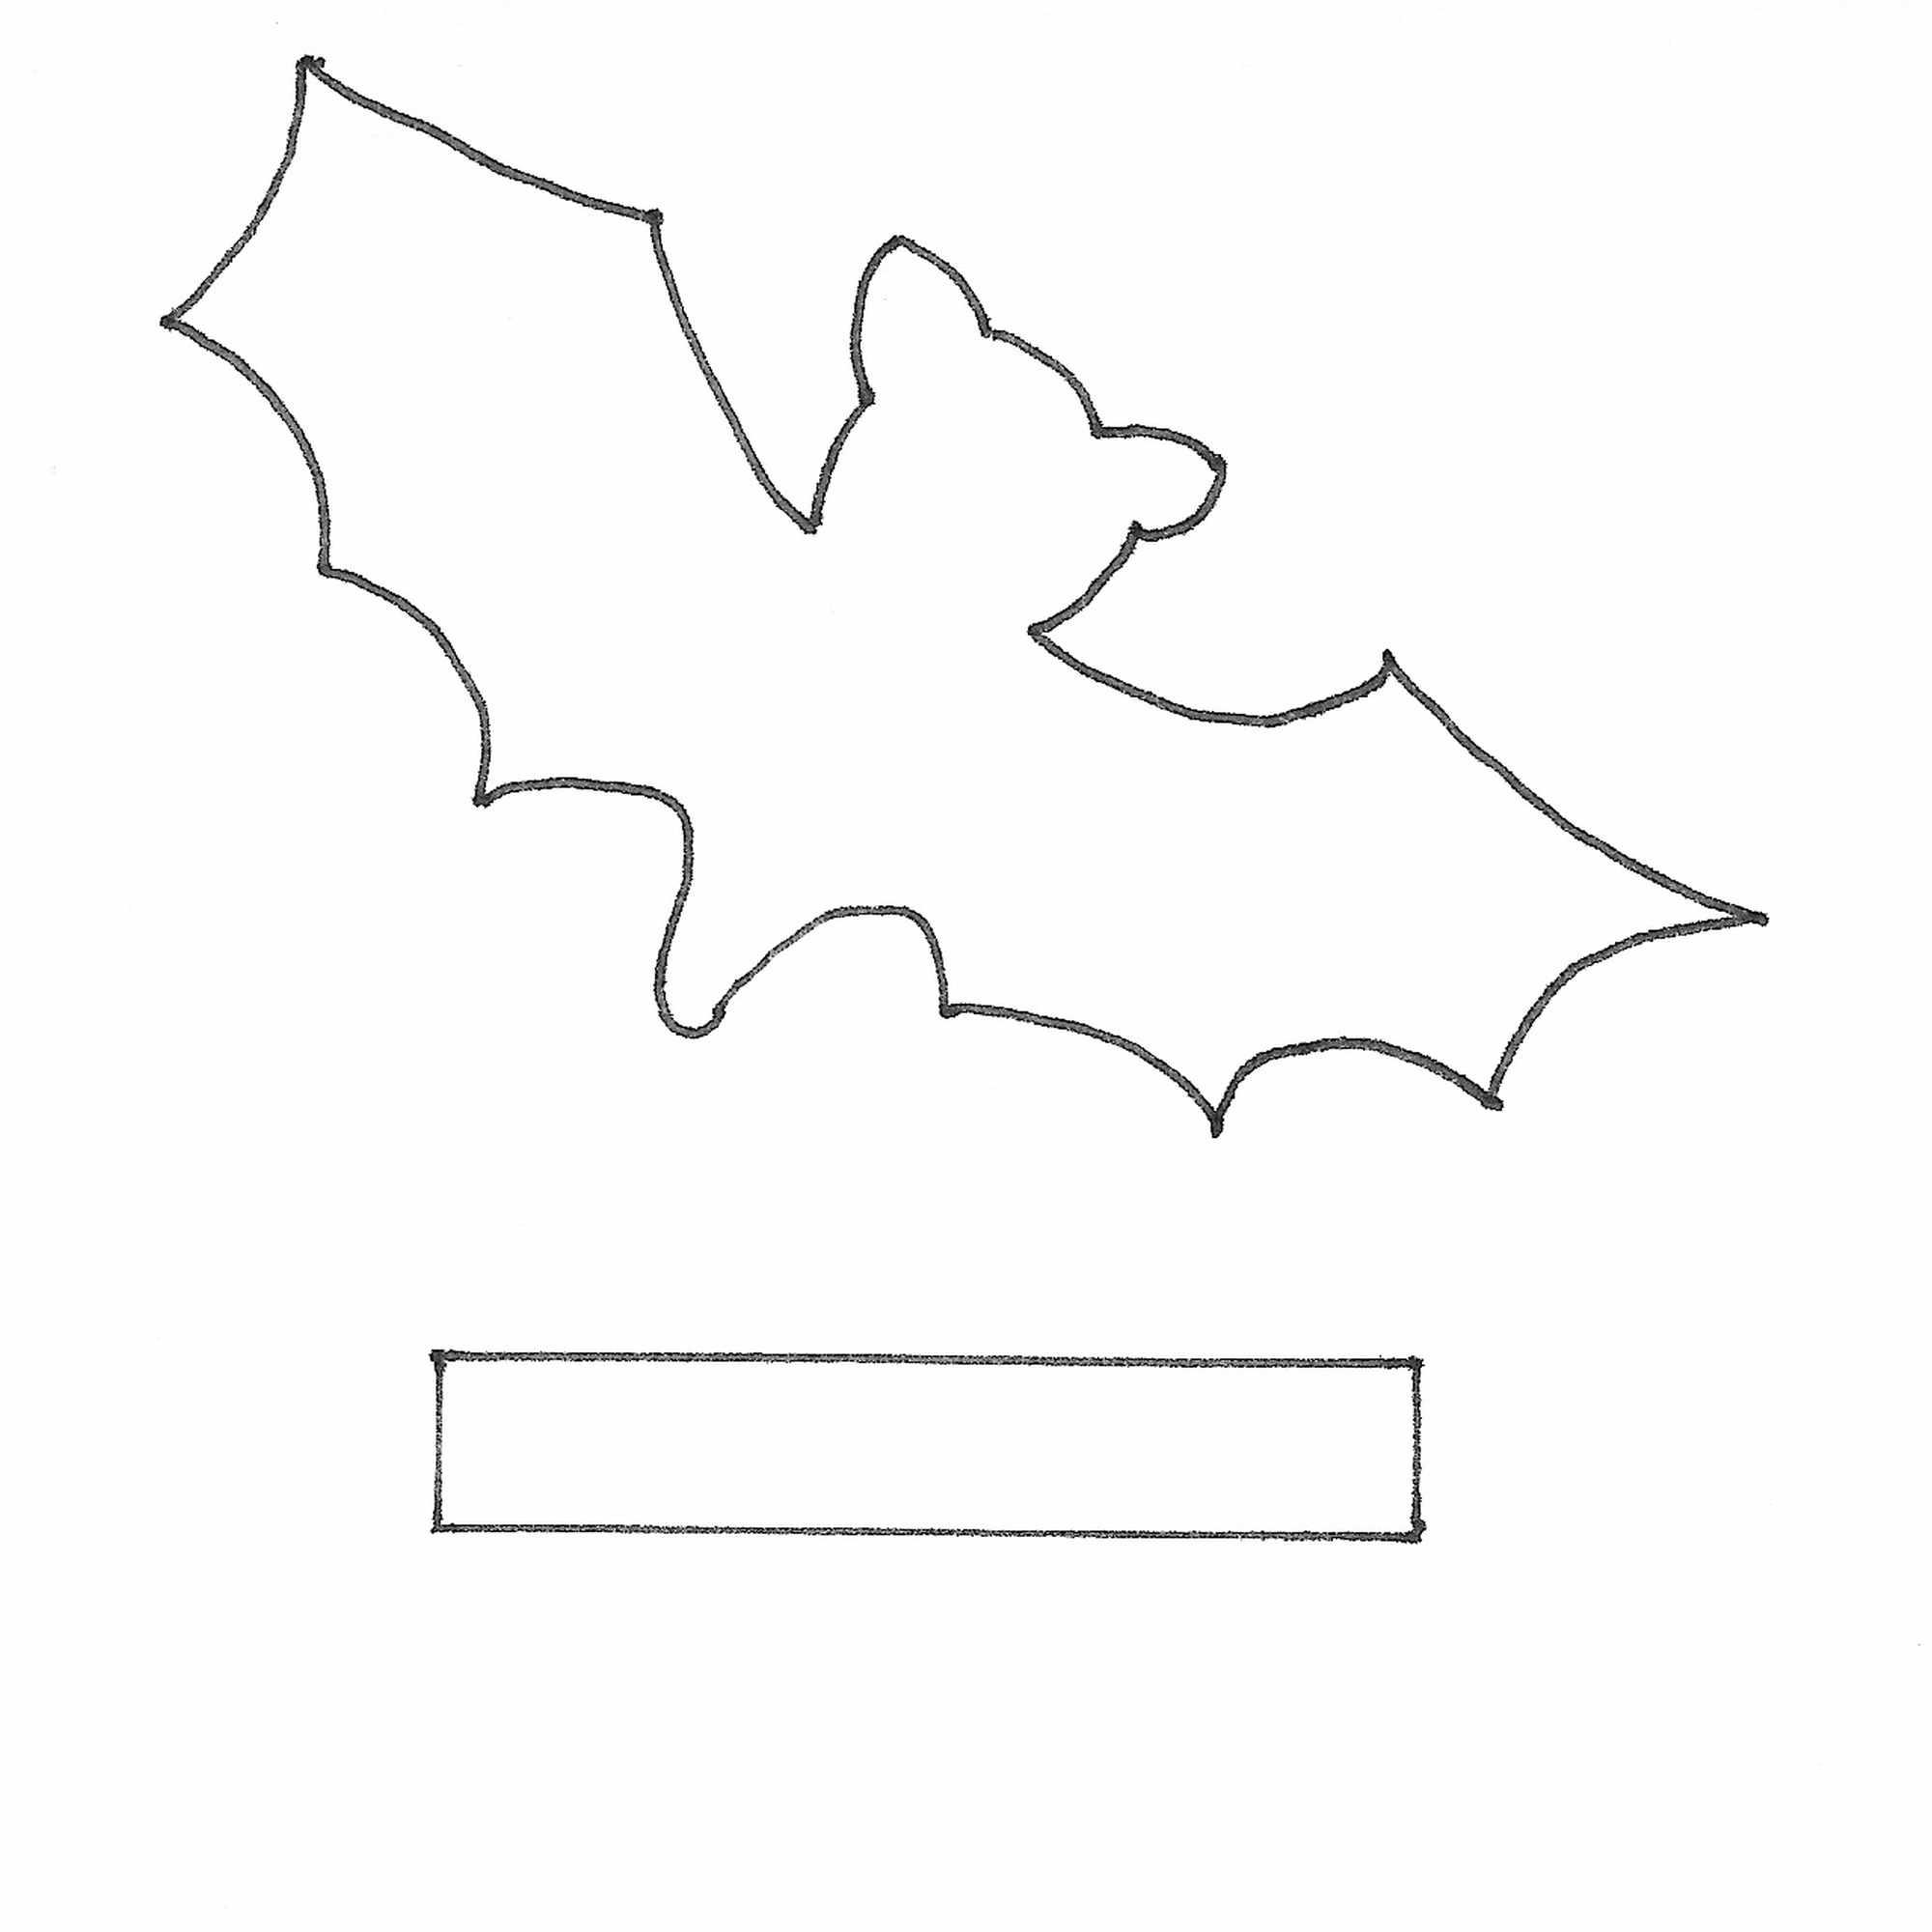 Kleine Fledermaus Als Halloween Dekorations Idee Hexenlabor 4